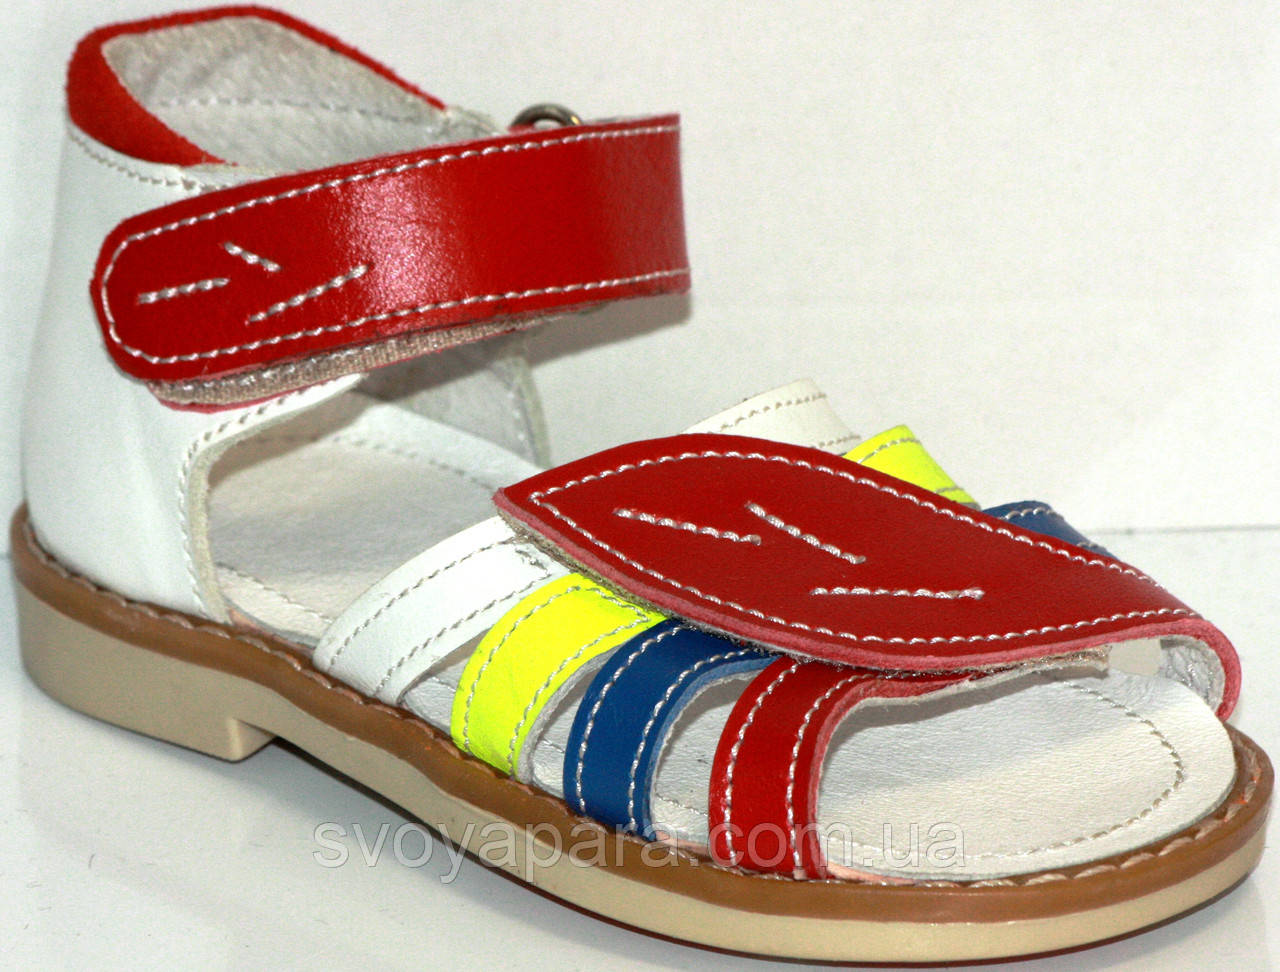 Сандалии для девочки летние кожаные с жестким задником и каблуком Томаса с супинатором